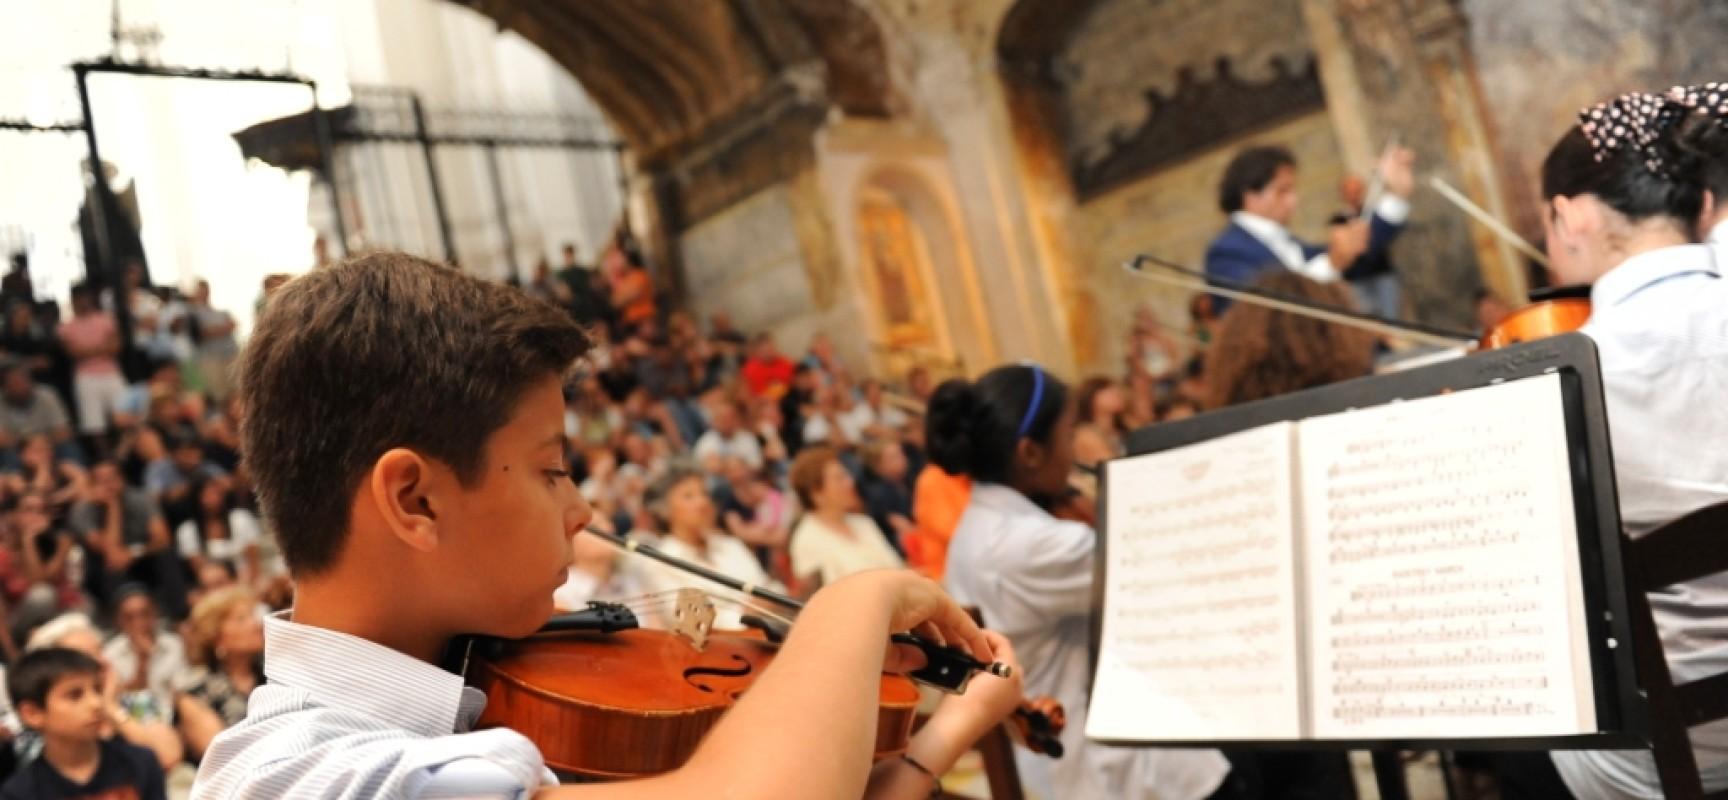 Orchestra Giovanile Sanitansamble, bando per farne parte